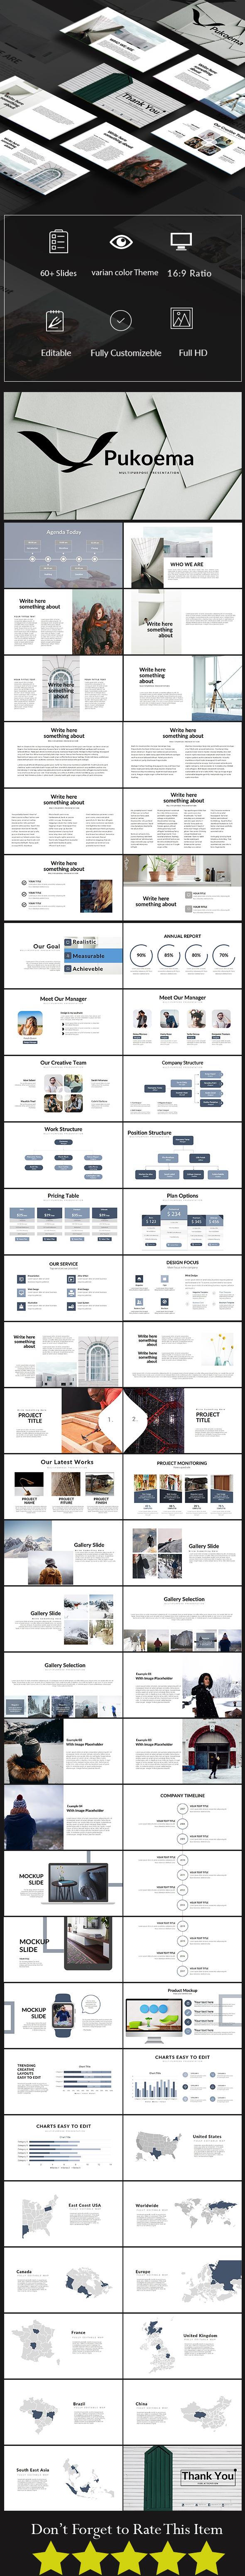 Pukoema Multipurpose Presentation Template - PowerPoint Templates Presentation Templates